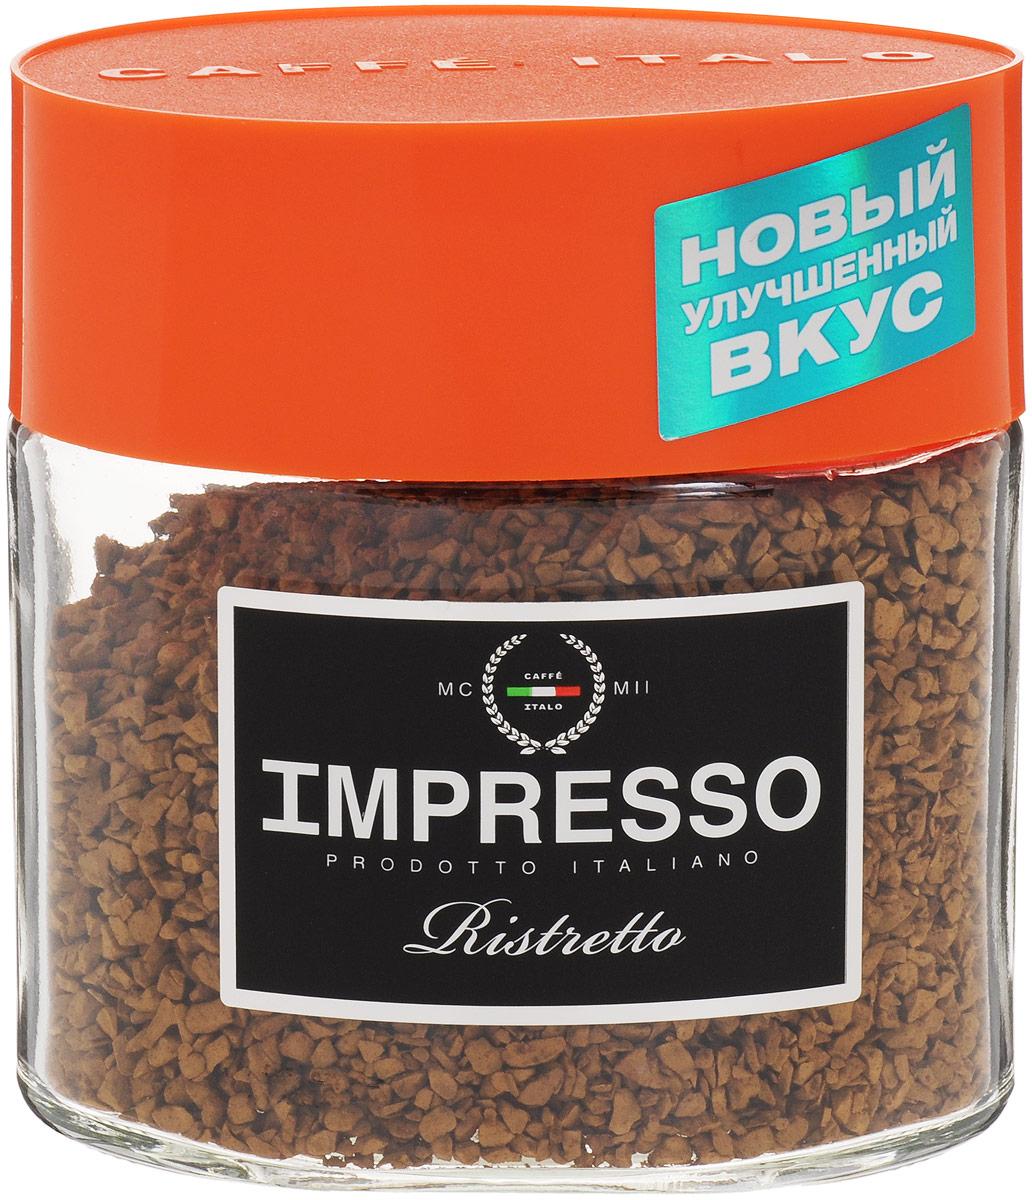 Impresso Ristretto кофе растворимый, 100 г (стеклянная банка)8057288870032Impresso Ristretto - это высококачественная смесь молотого и растворимого кофе из лучшей арабики Бразилии, Никарагуа и Мексики с крепким, насыщенным вкусом. Купаж кофе Impresso Ristretto собран из лучших сортов арабики Бразилии, Никарагуа и Мексики, благодаря чему этот настоящий итальянский кофе обладает поистине крепким и насыщенным вкусом. Уважаемые клиенты! Обращаем ваше внимание на то, что упаковка может иметь несколько видов дизайна. Поставка осуществляется в зависимости от наличия на складе.